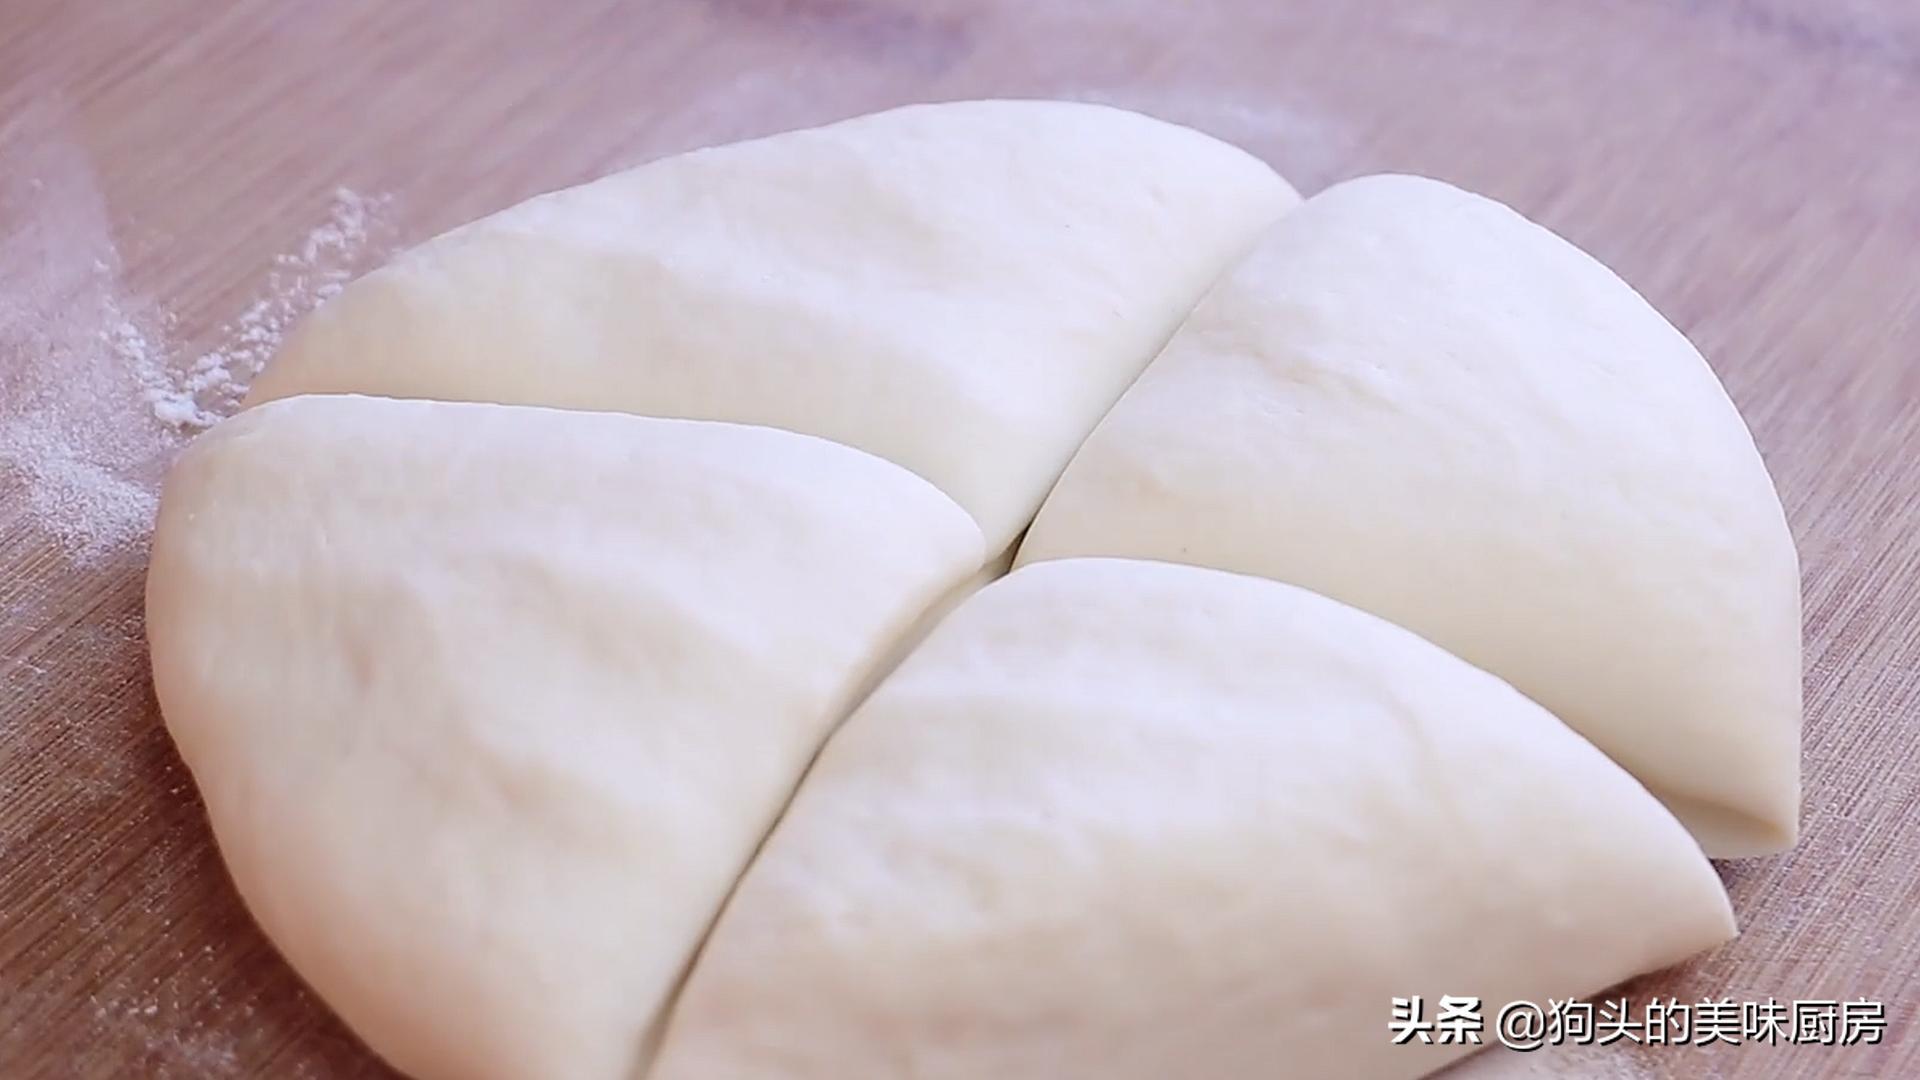 烙饼时,不要直接烙,多加这两步,饼柔软又起层,3分钟就能出锅 美食做法 第10张